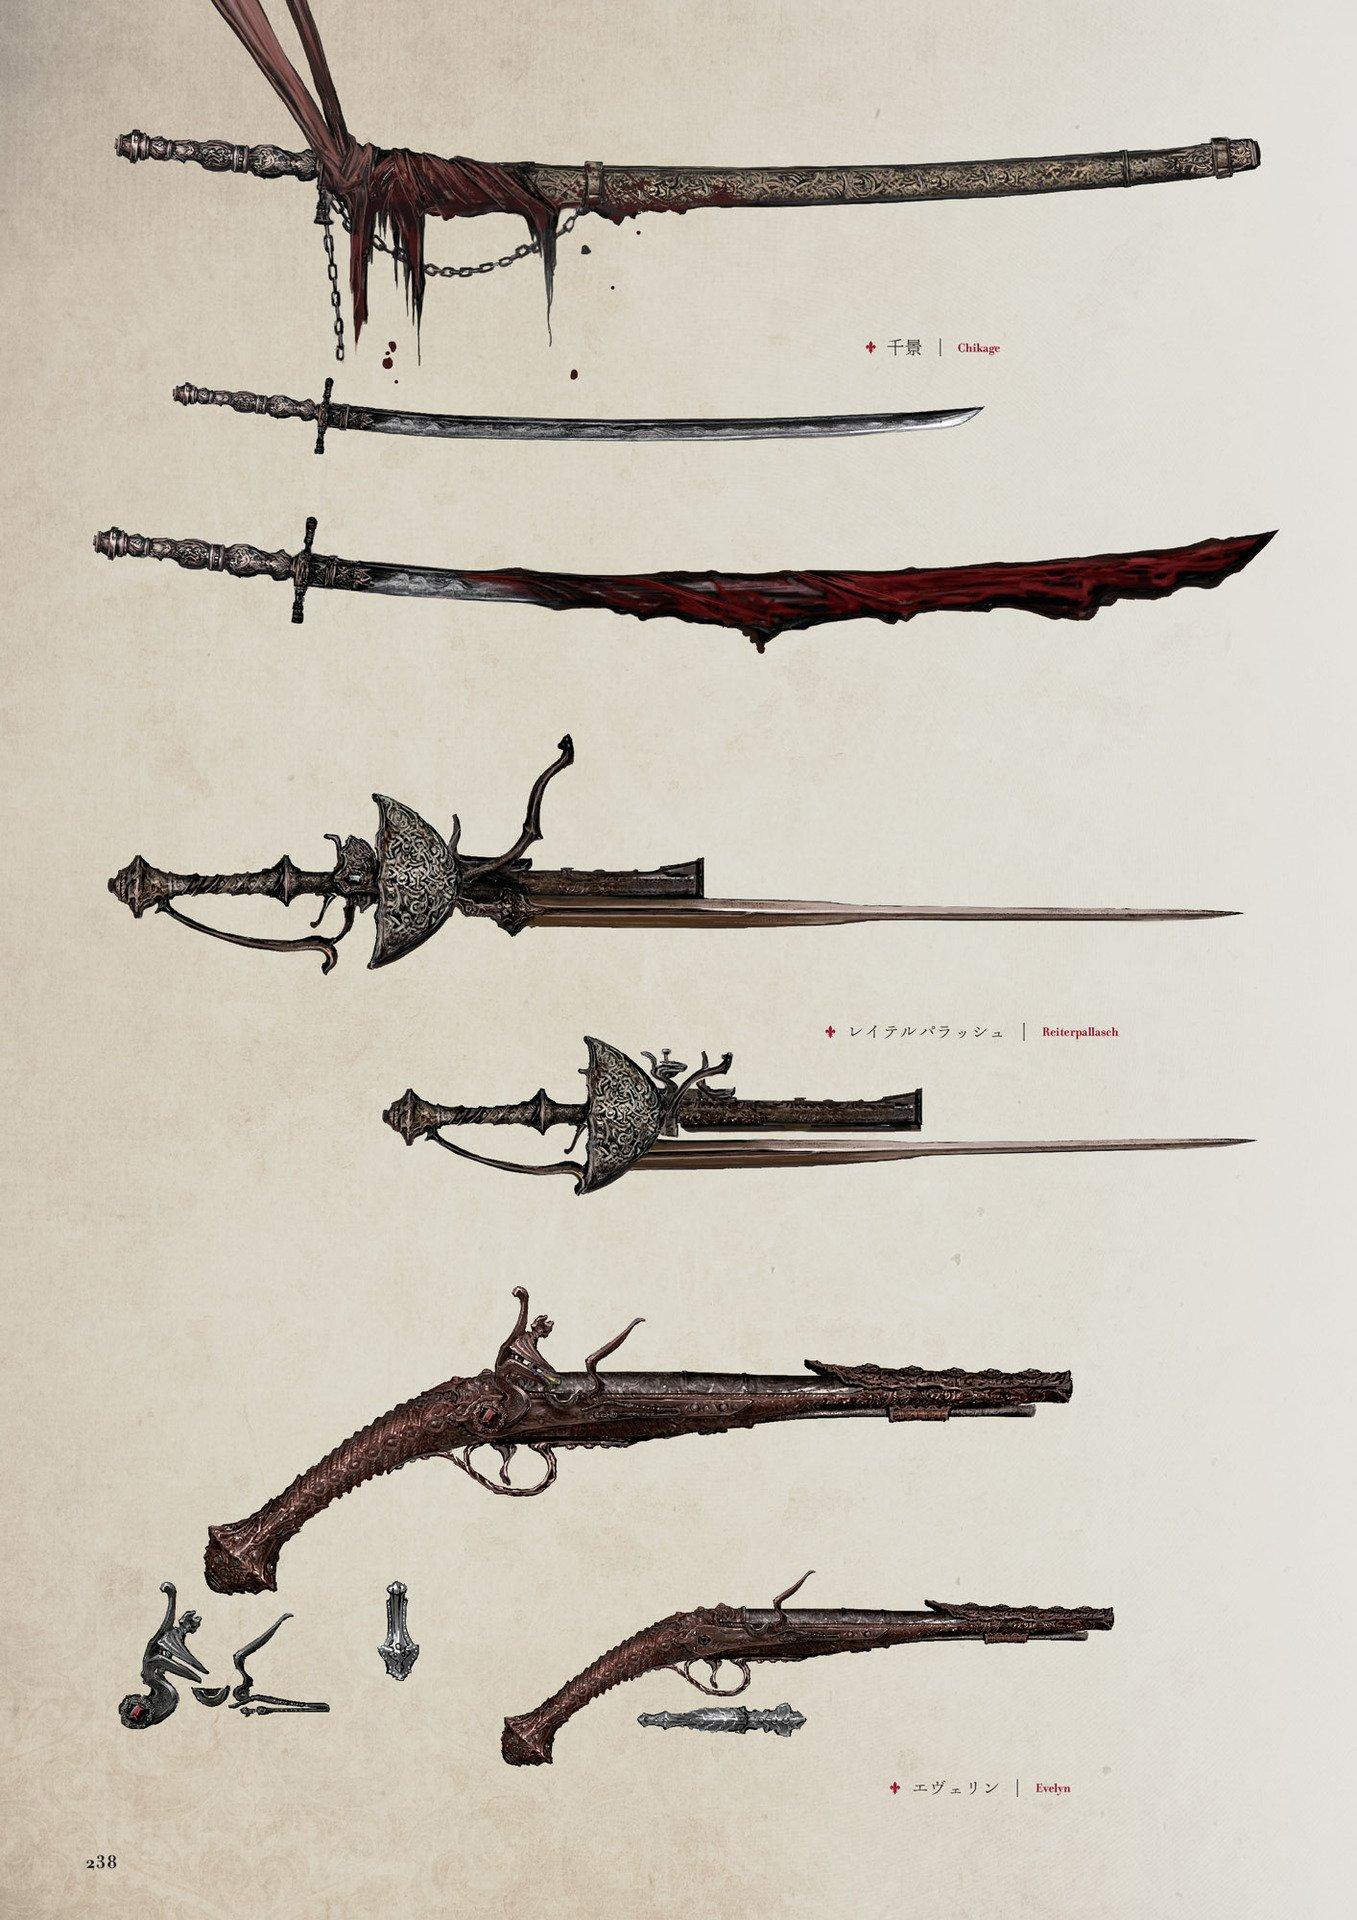 Reiterpallasch Bloodborne Wiki